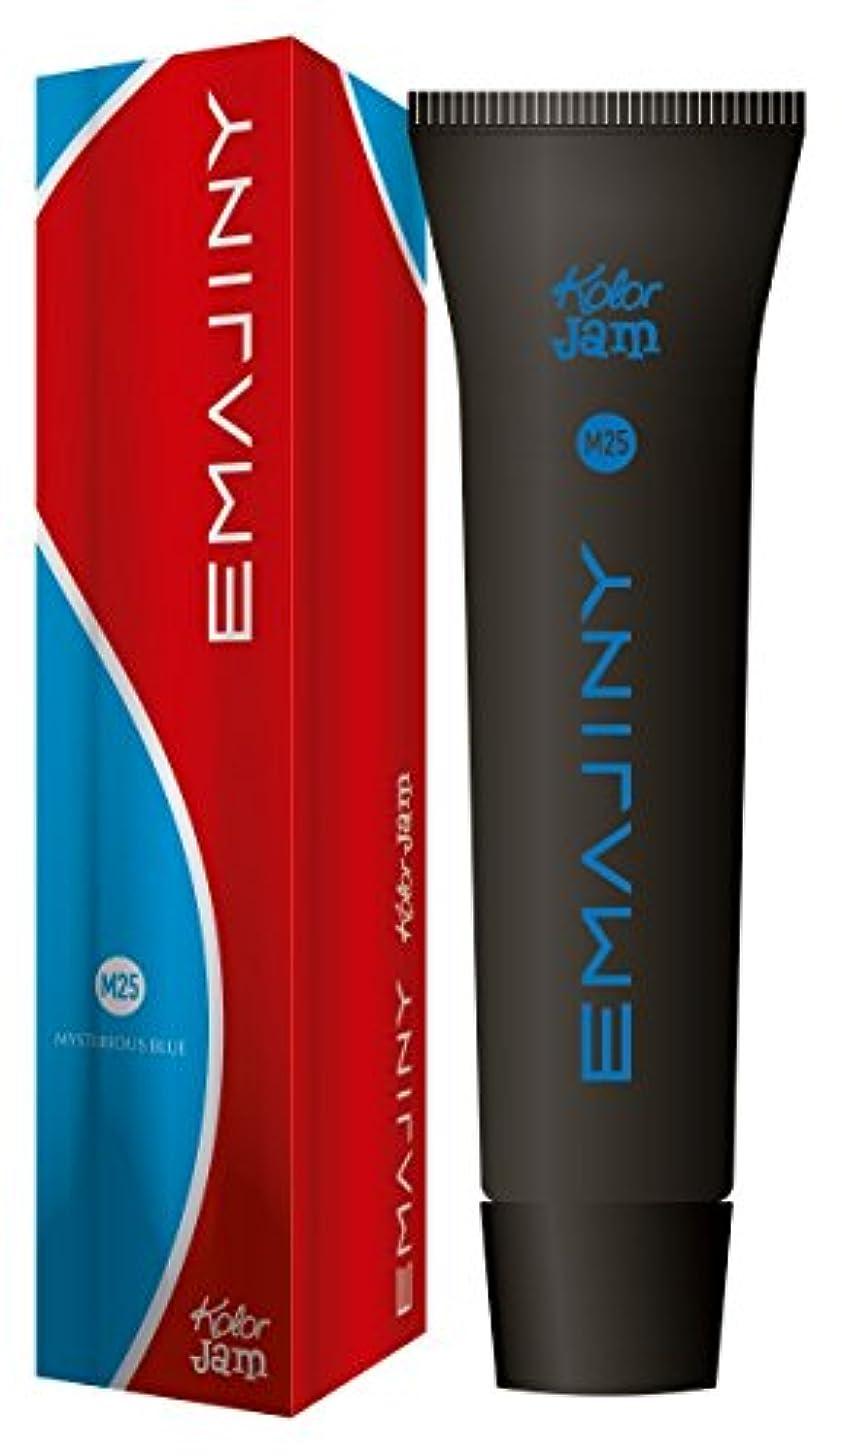 EMAJINY エマジニー カラージャム 75g Blue ブルー M25